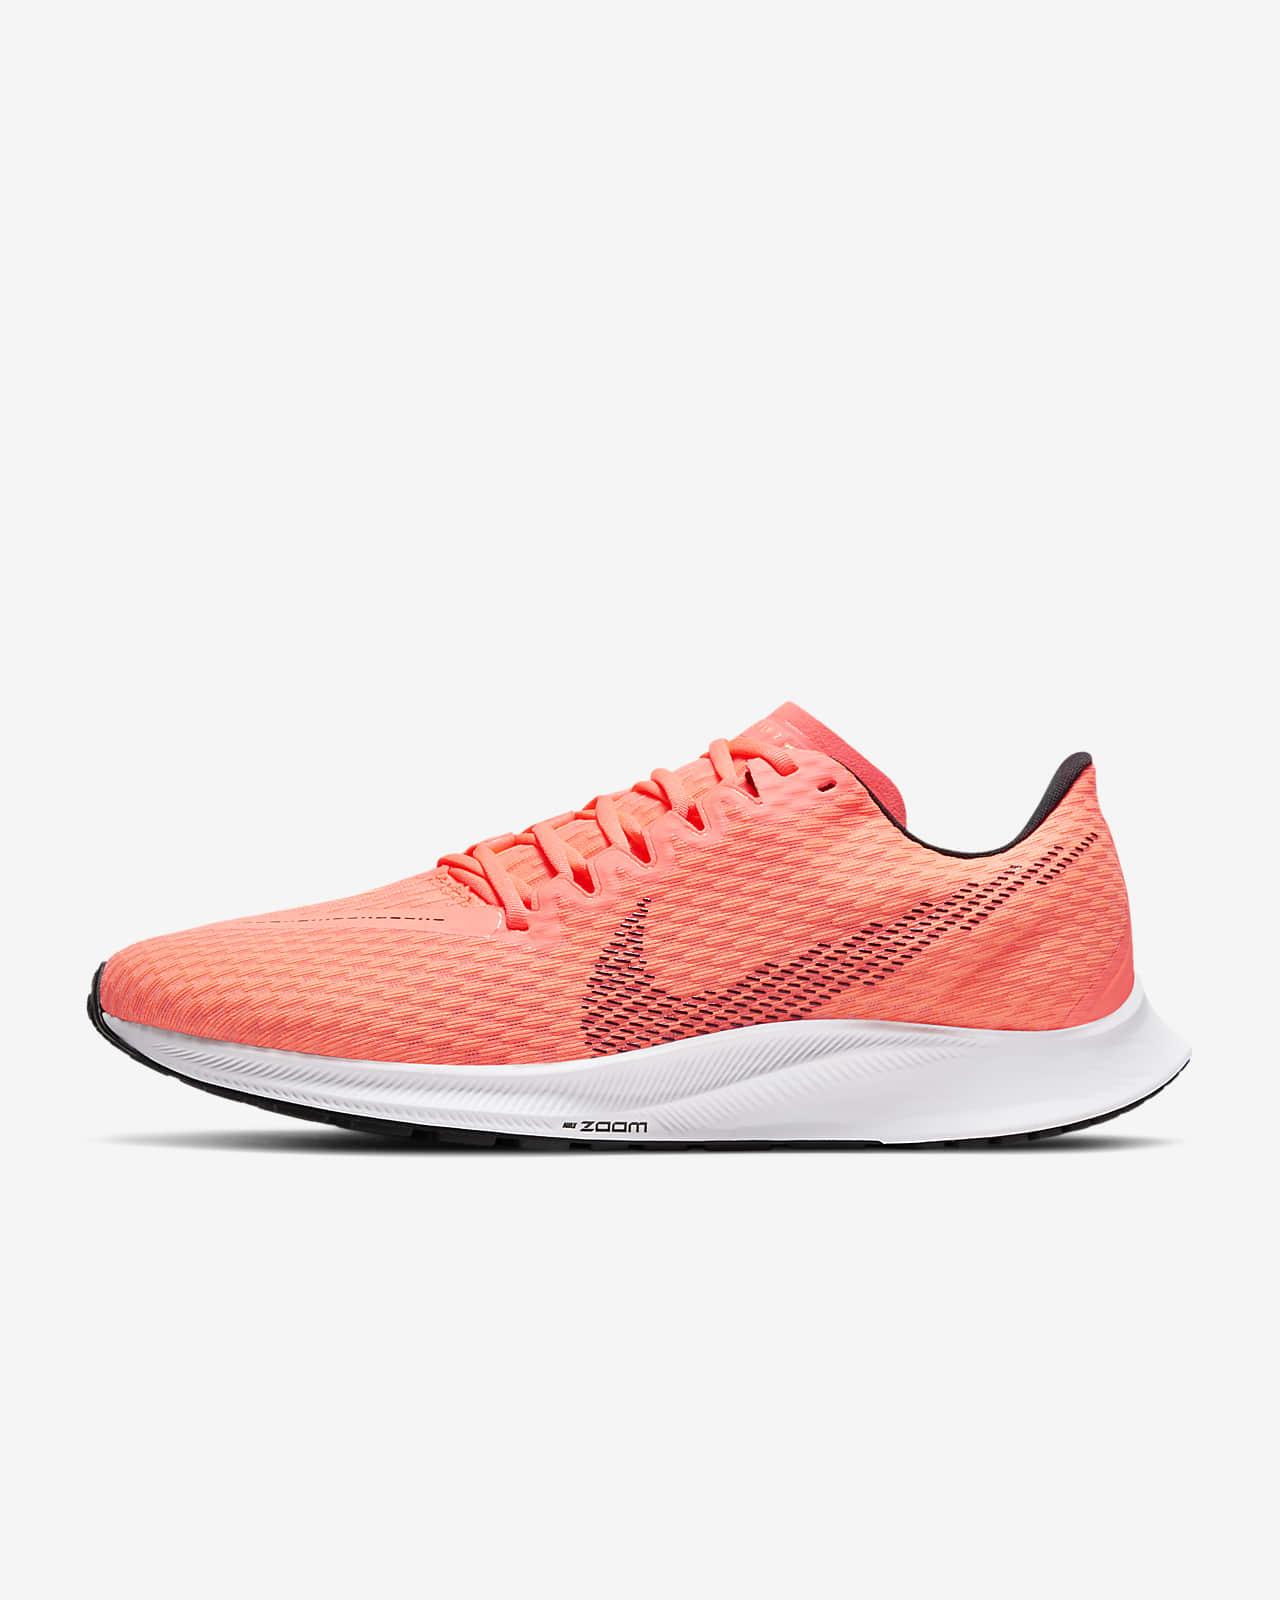 รองเท้าวิ่งผู้ชาย Nike Zoom Rival Fly 2